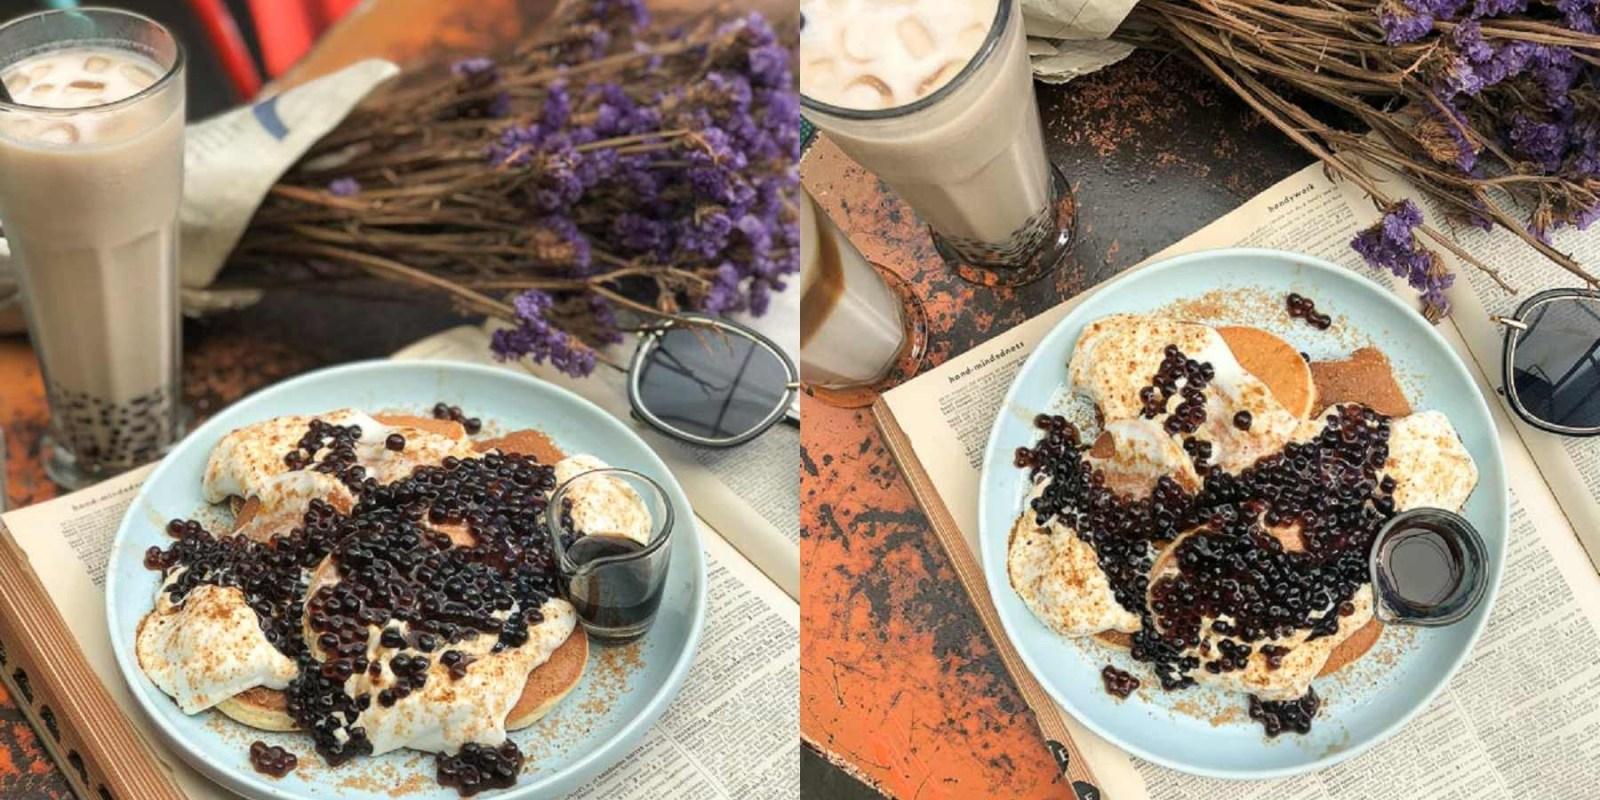 台南美食早午餐 可愛ㄉㄨㄞㄉㄨㄞ黑糖小珍珠鬆餅香~ Q彈彈加上黑糖味。「ICI CAFE」台南甜點|台南下午茶|